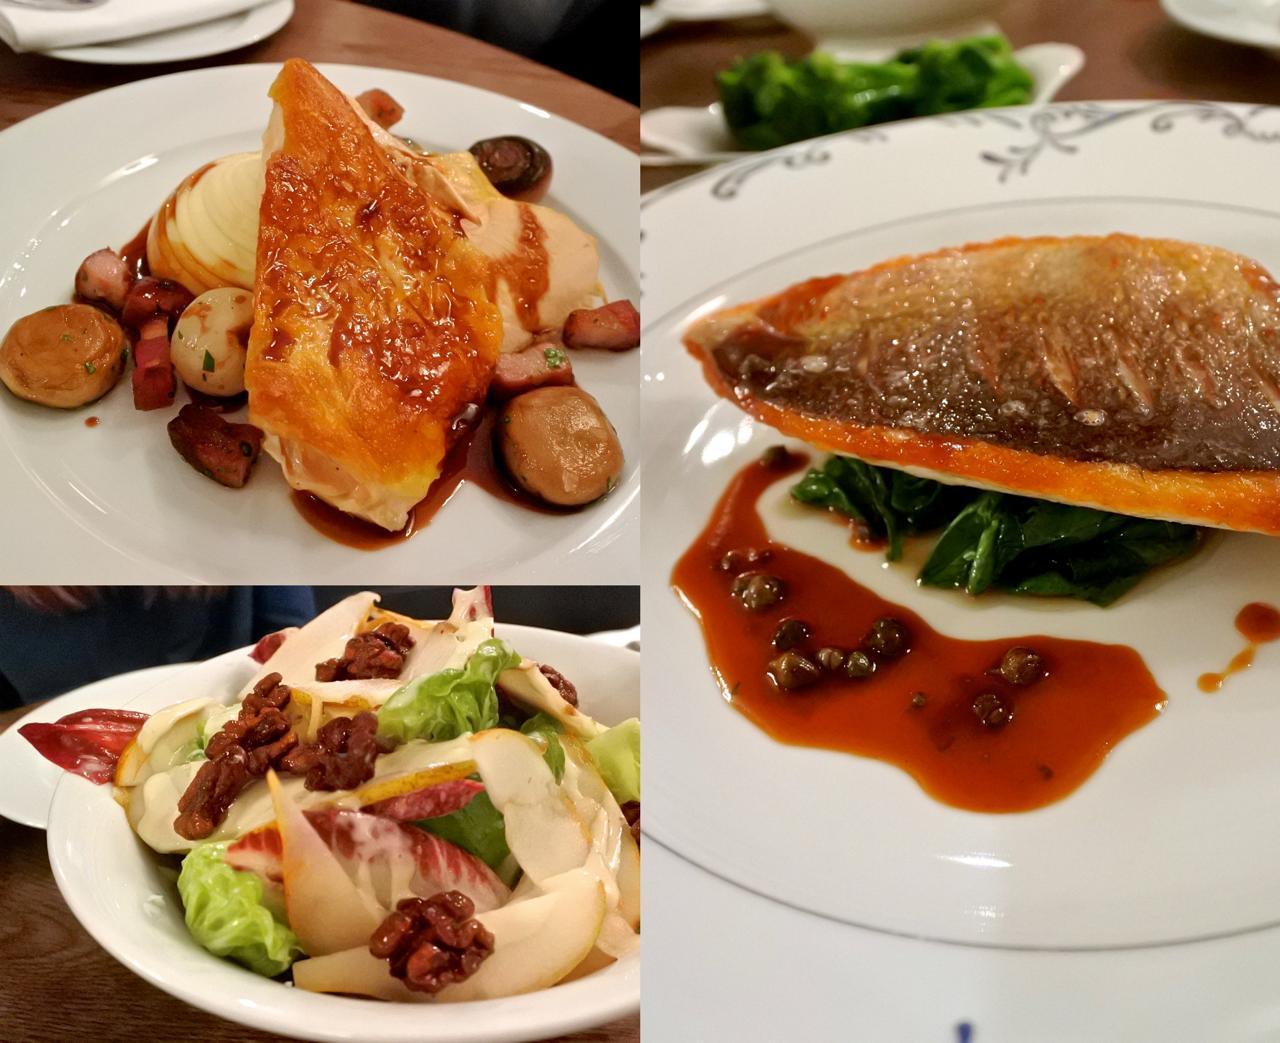 こちらはビストロのメニュー。左上から本日の皿、チキンとマッシュポテト、鯛のソテーとホウレンソウ、洋なしとロックフォールのサラダ